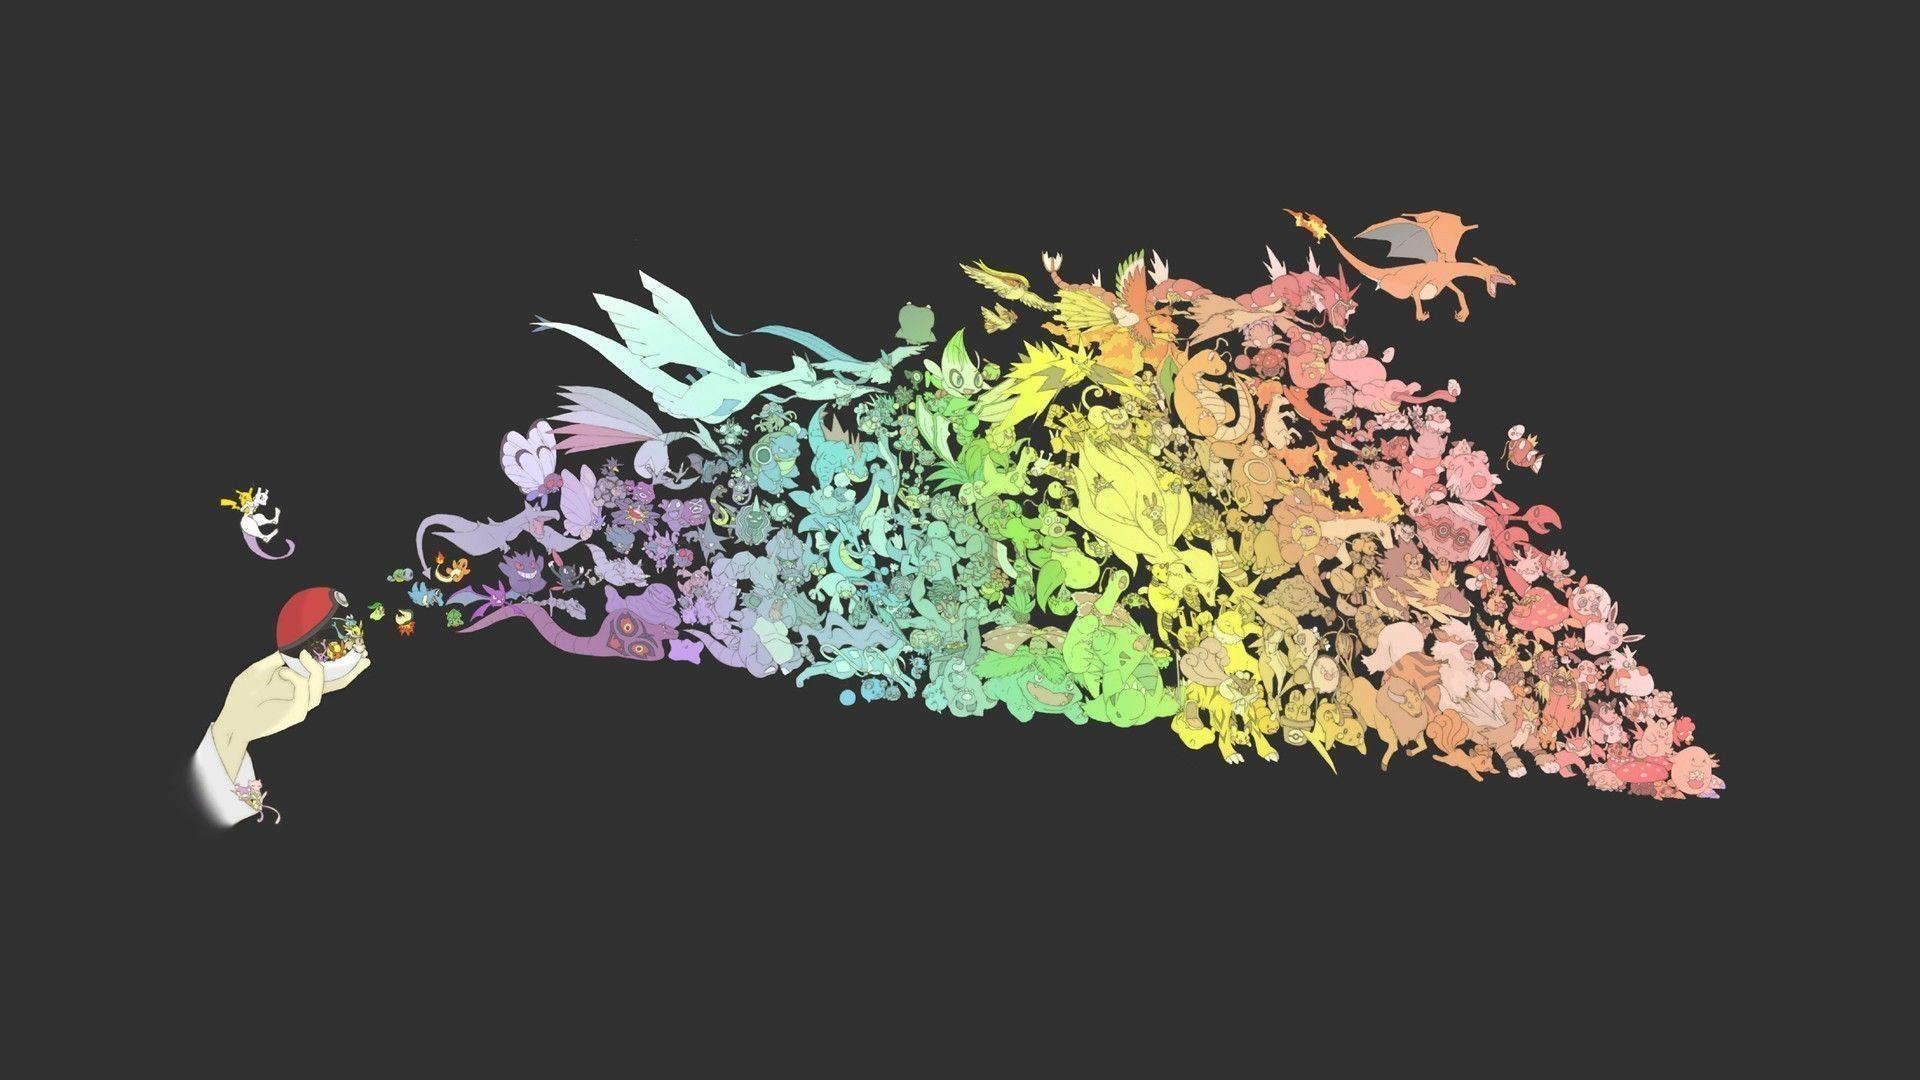 Anime : Epic Pokemon Wallpaper 1080x1920px Pokemon Wallpaper .